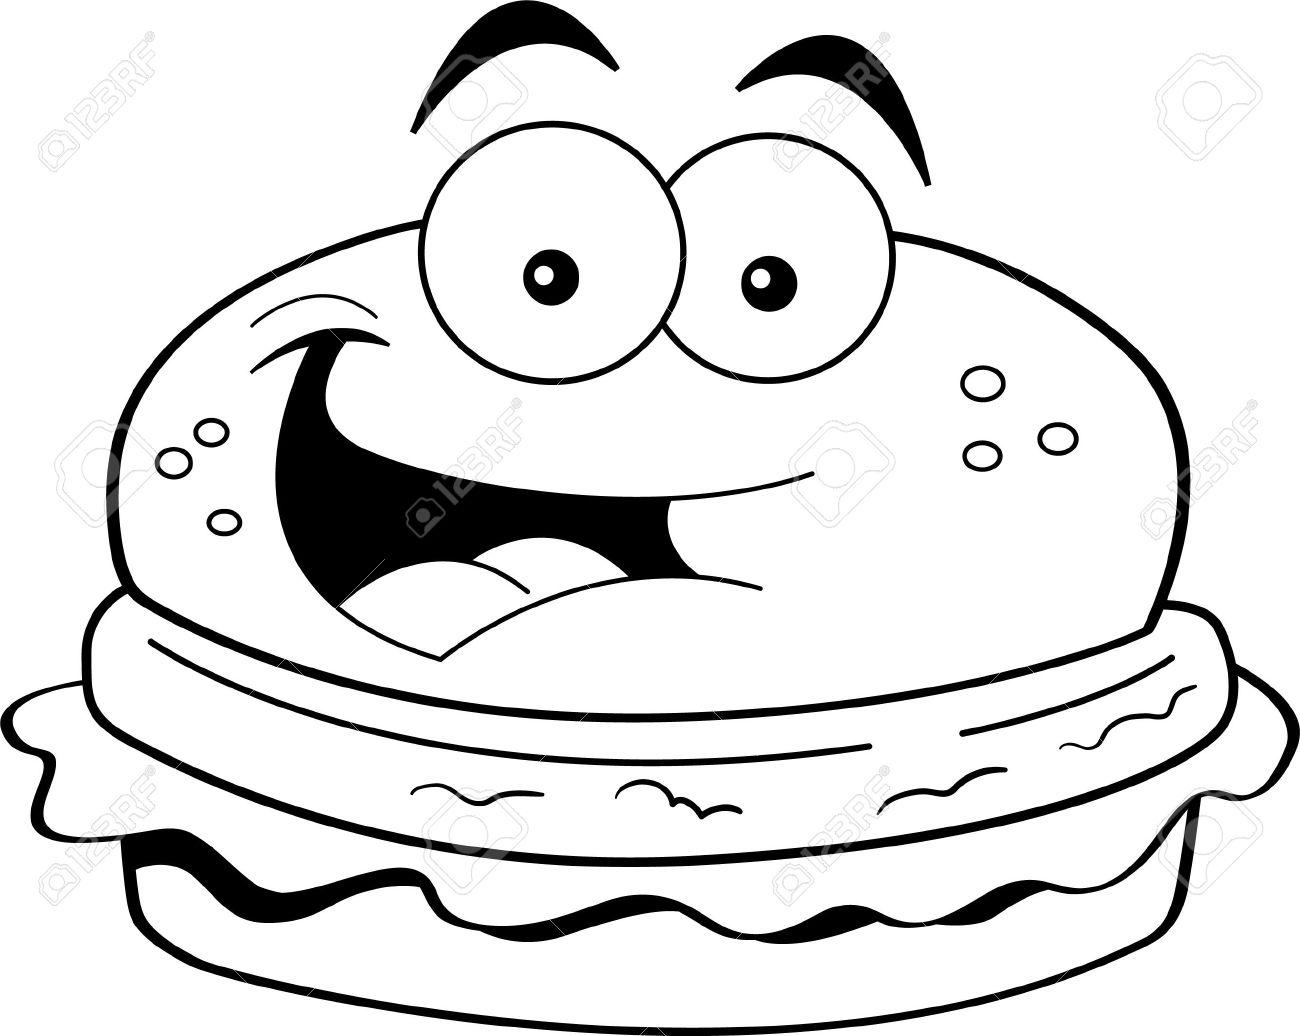 Hamburger Clipart Black And White